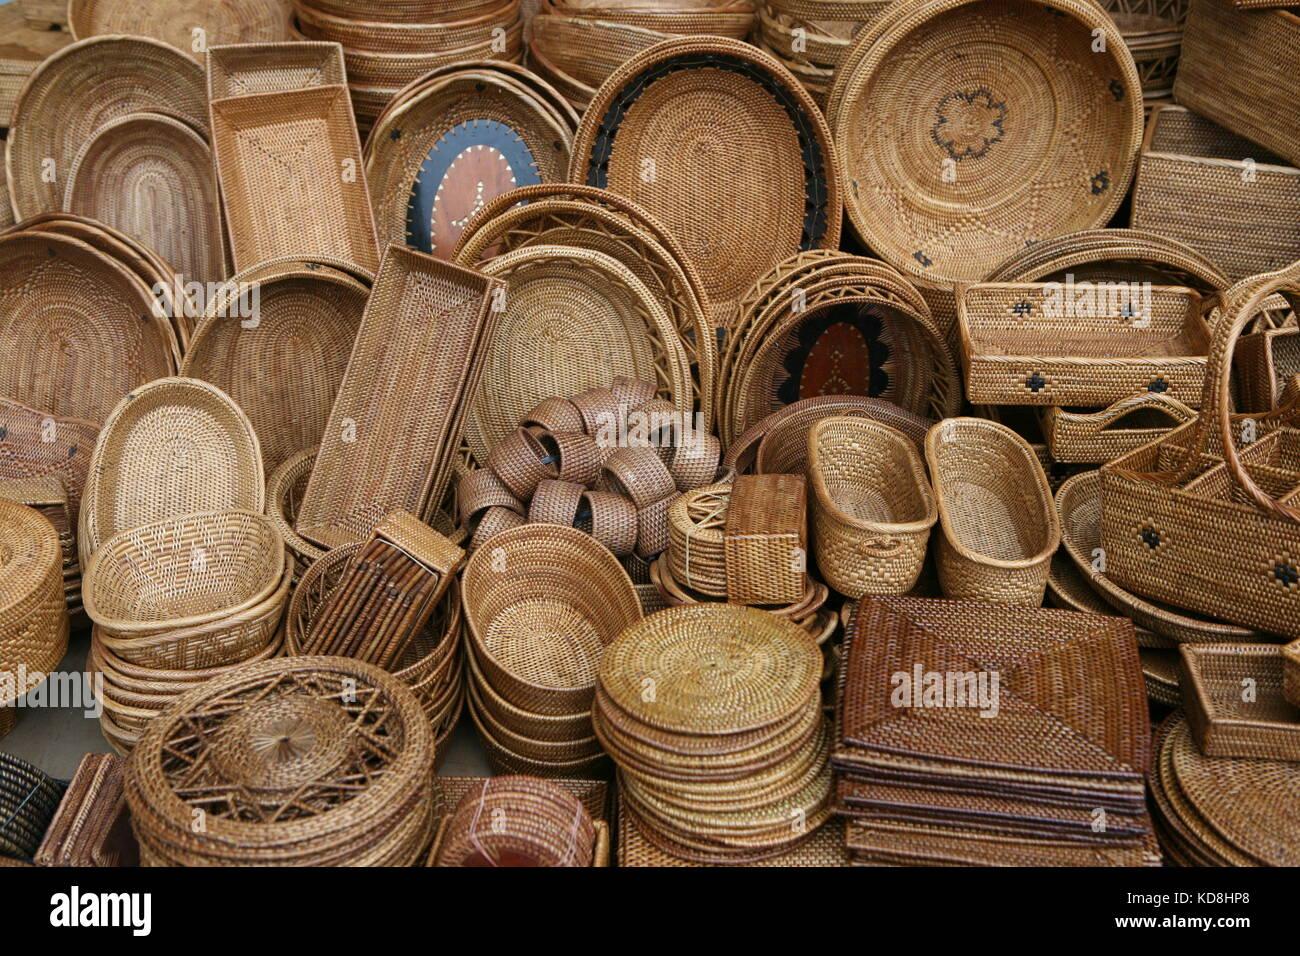 Körbe und Korbwaren zum Verkauf in Bali - Körbe und Geschenke für Verkauf auf Bali Stockfoto